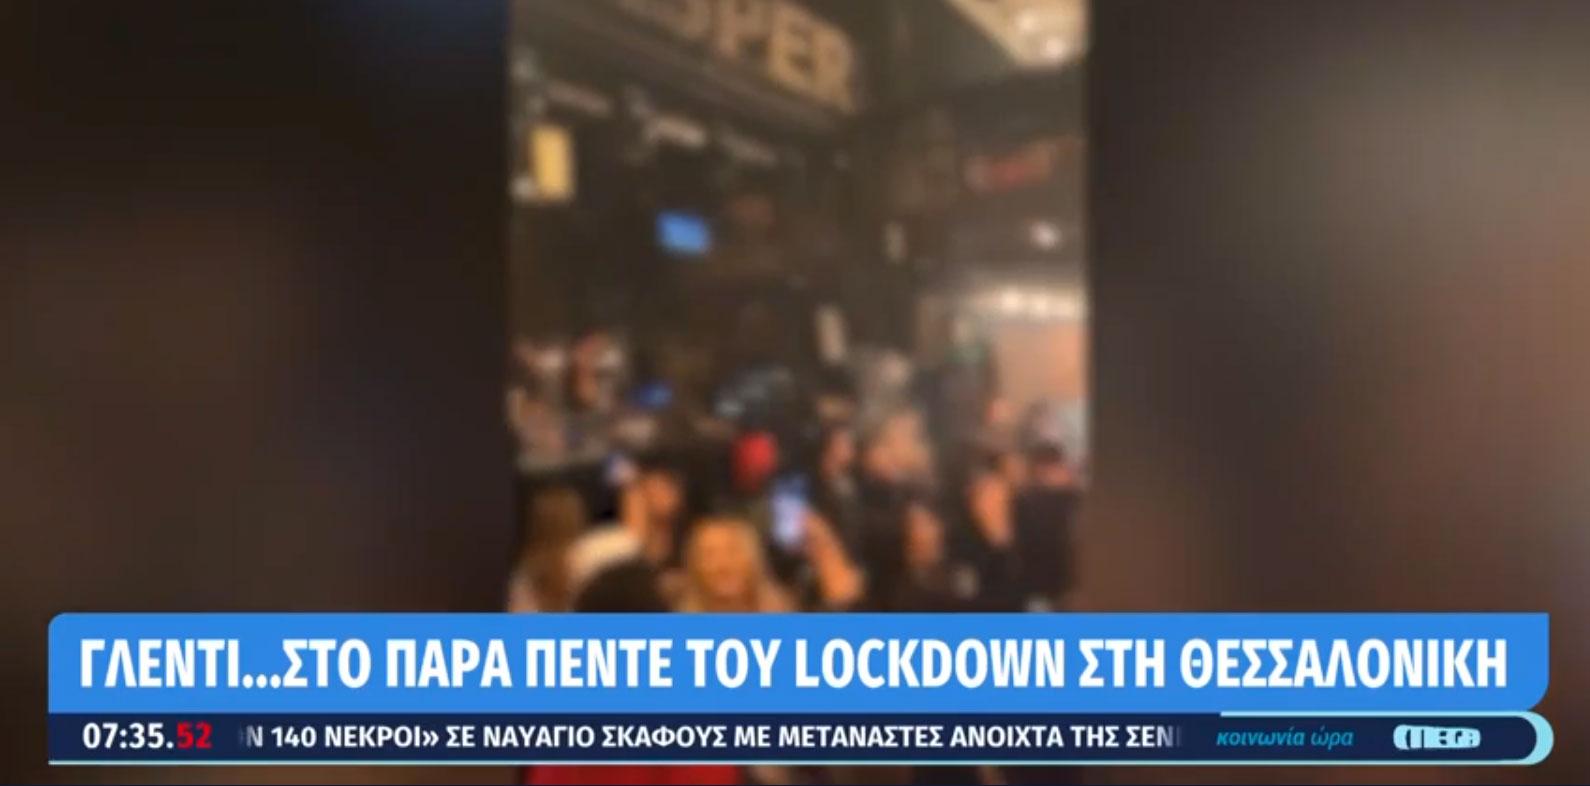 Θεσσαλονίκη: Το τελευταίο βράδυ τους πριν το… lockdown το έκαψαν στα Λαδάδικα